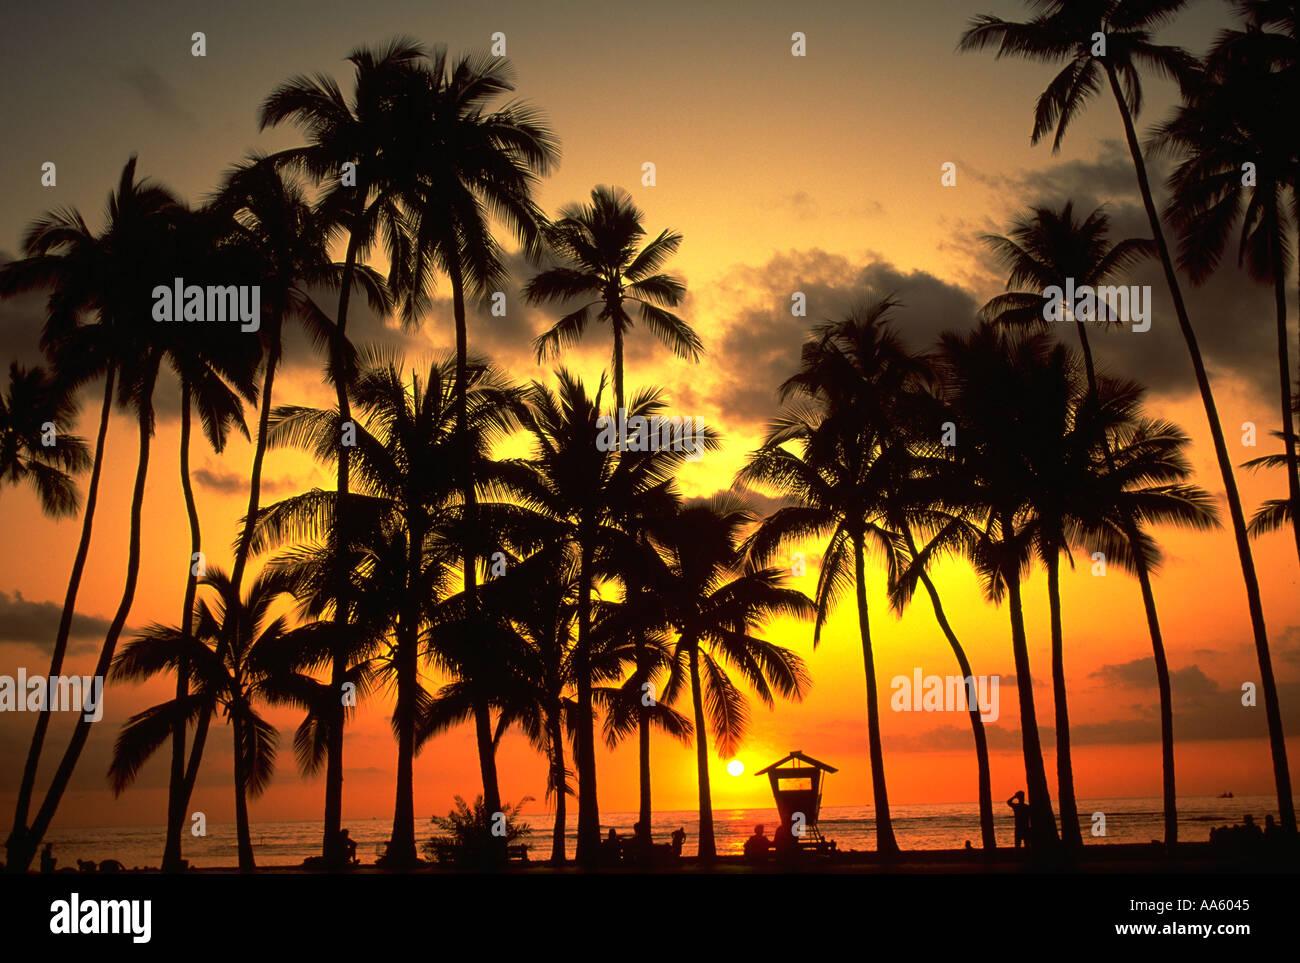 Sonnenuntergang Waikiki Strand Waikiki Oahu Hawaii USA Stockbild